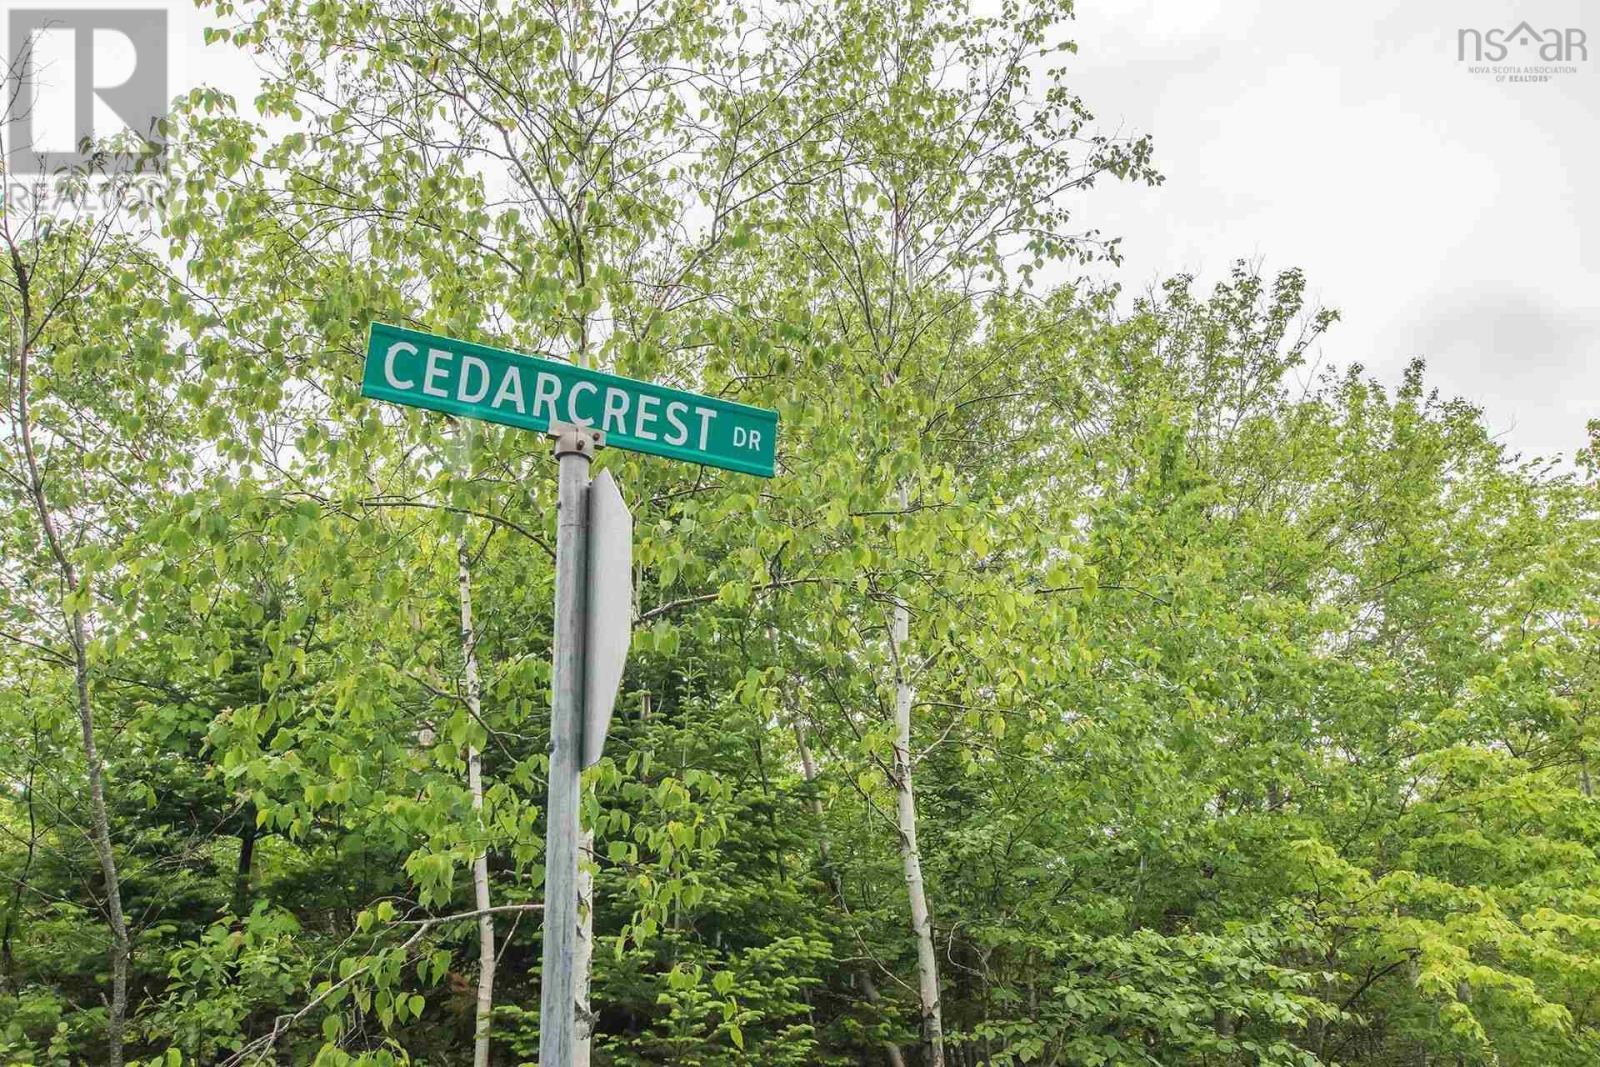 Lot 502a 201 Cedarcrest Drive, Halifax, Nova Scotia  B4B 1N6 - Photo 2 - 202123557